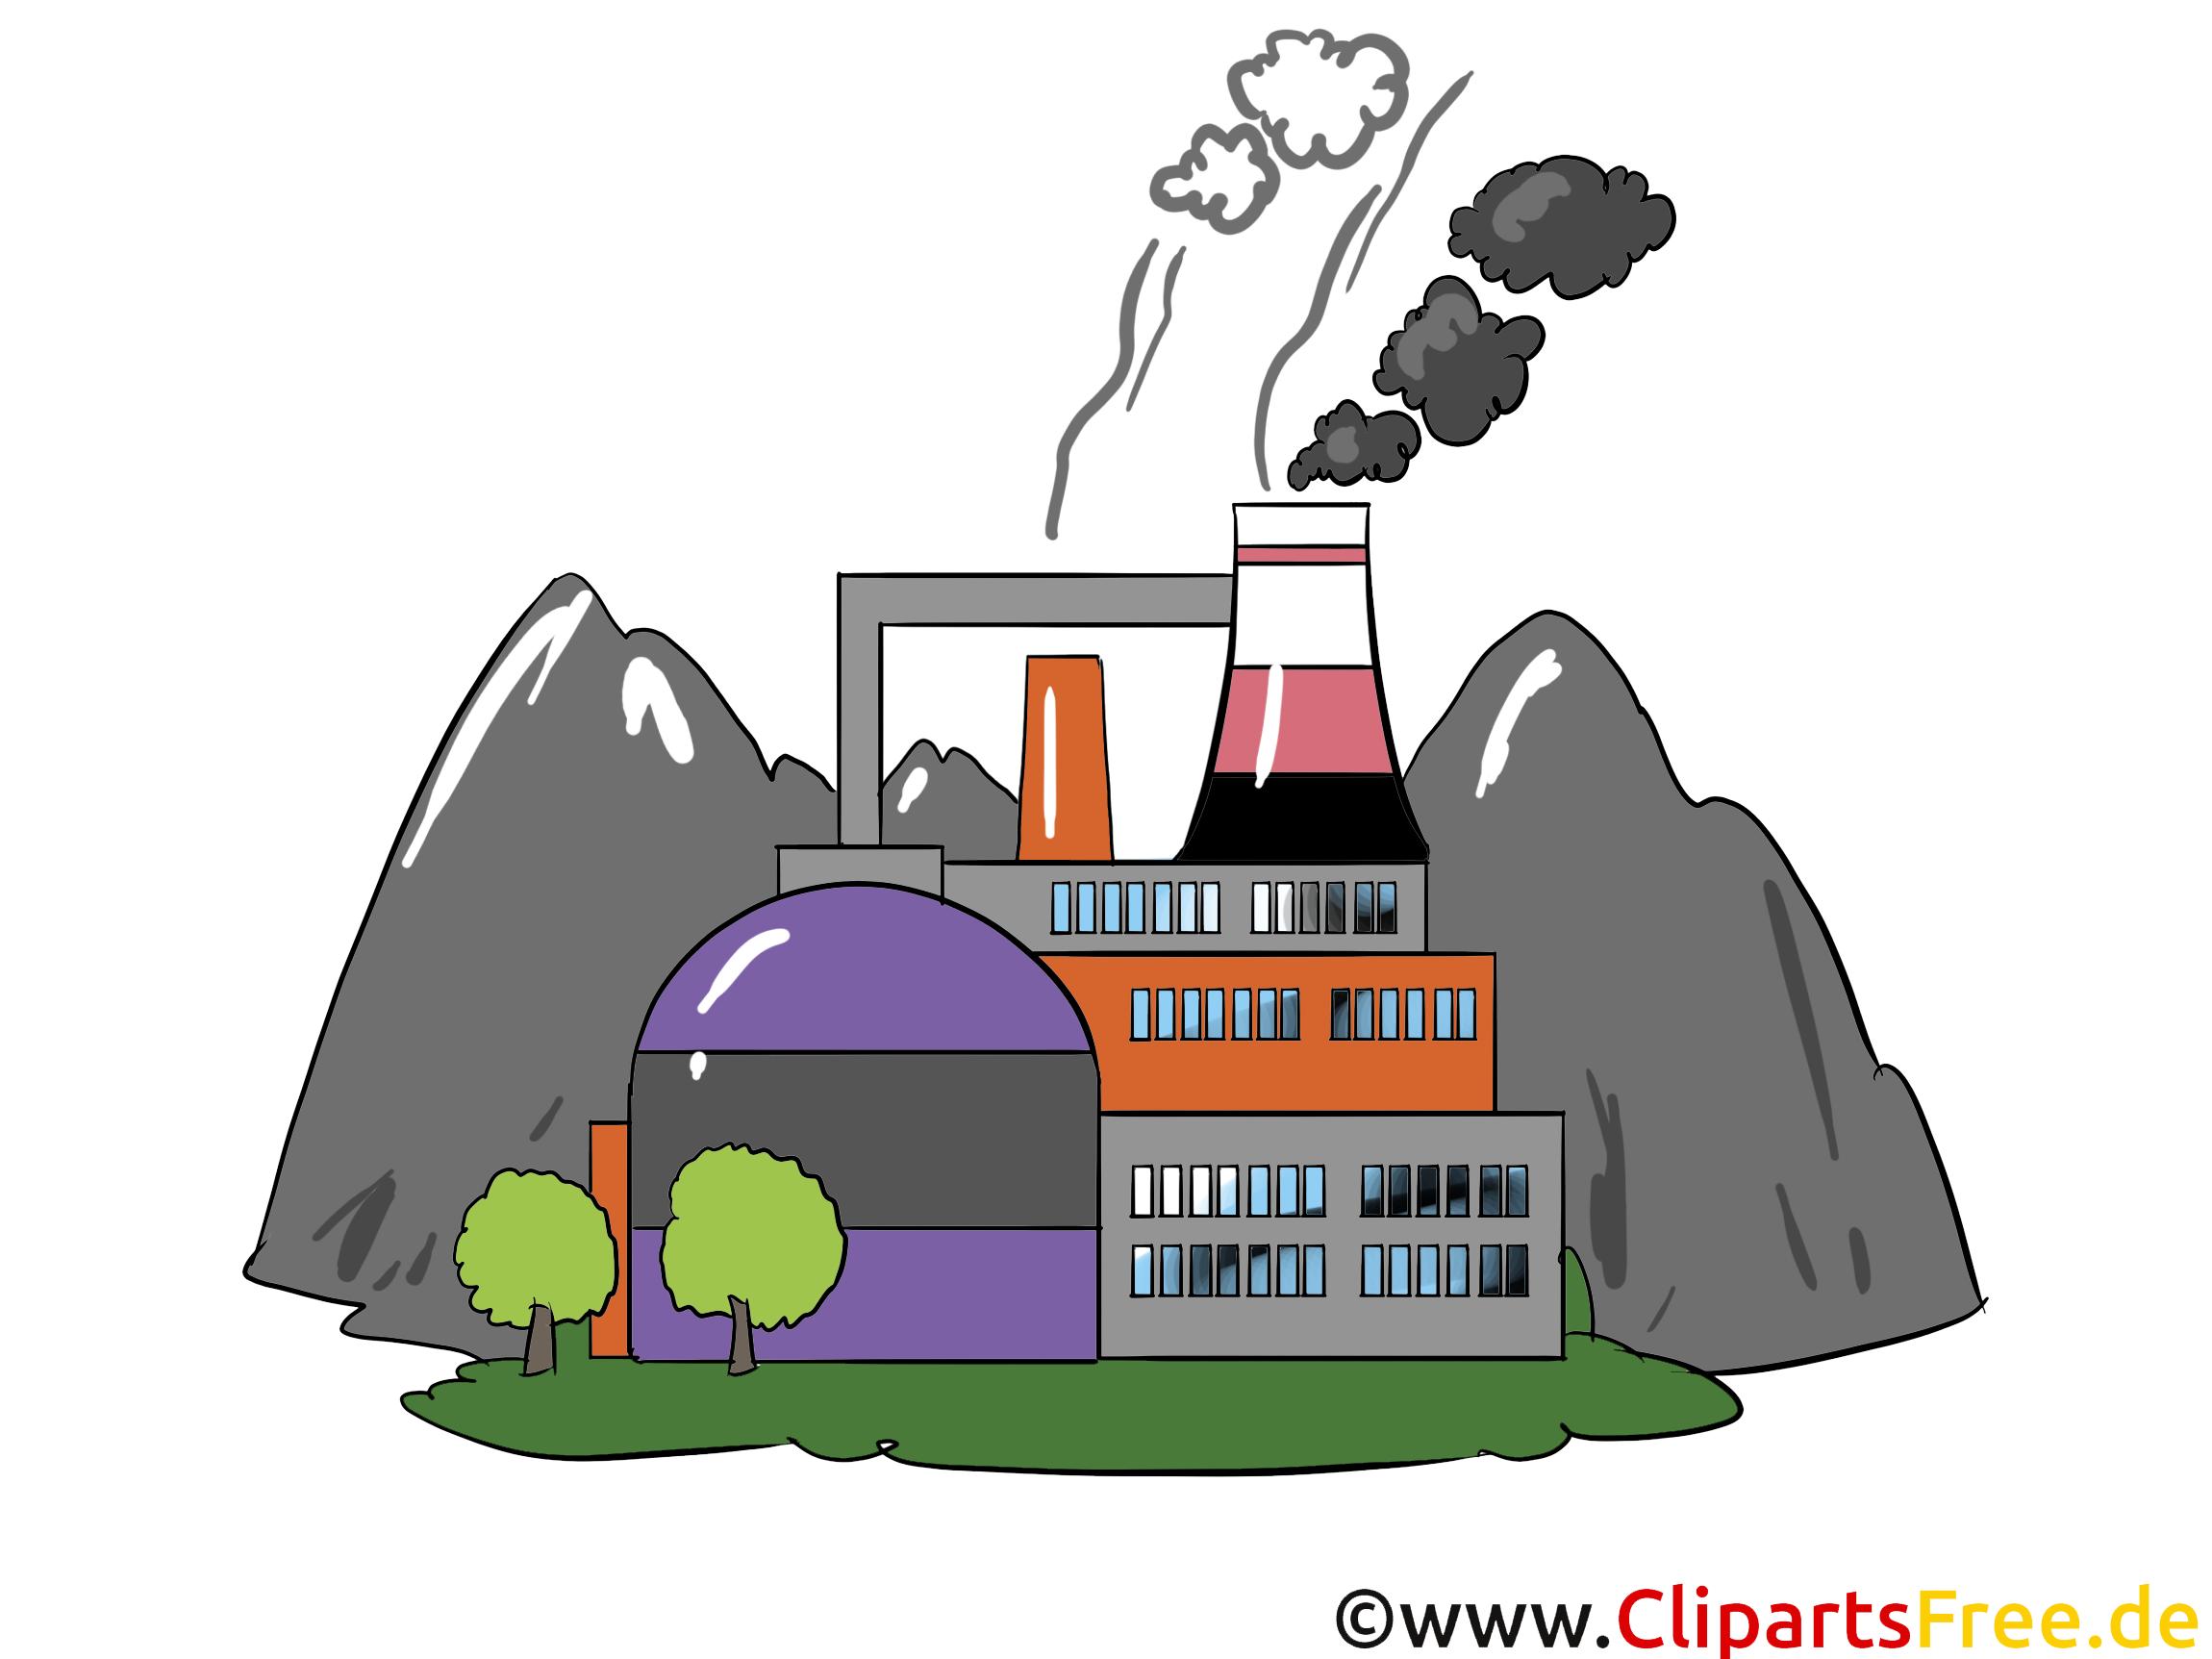 Werk, Fabrik - Industrie Cliparts, Wirtschaft Bilder, Business Grafiken, Illustrationen